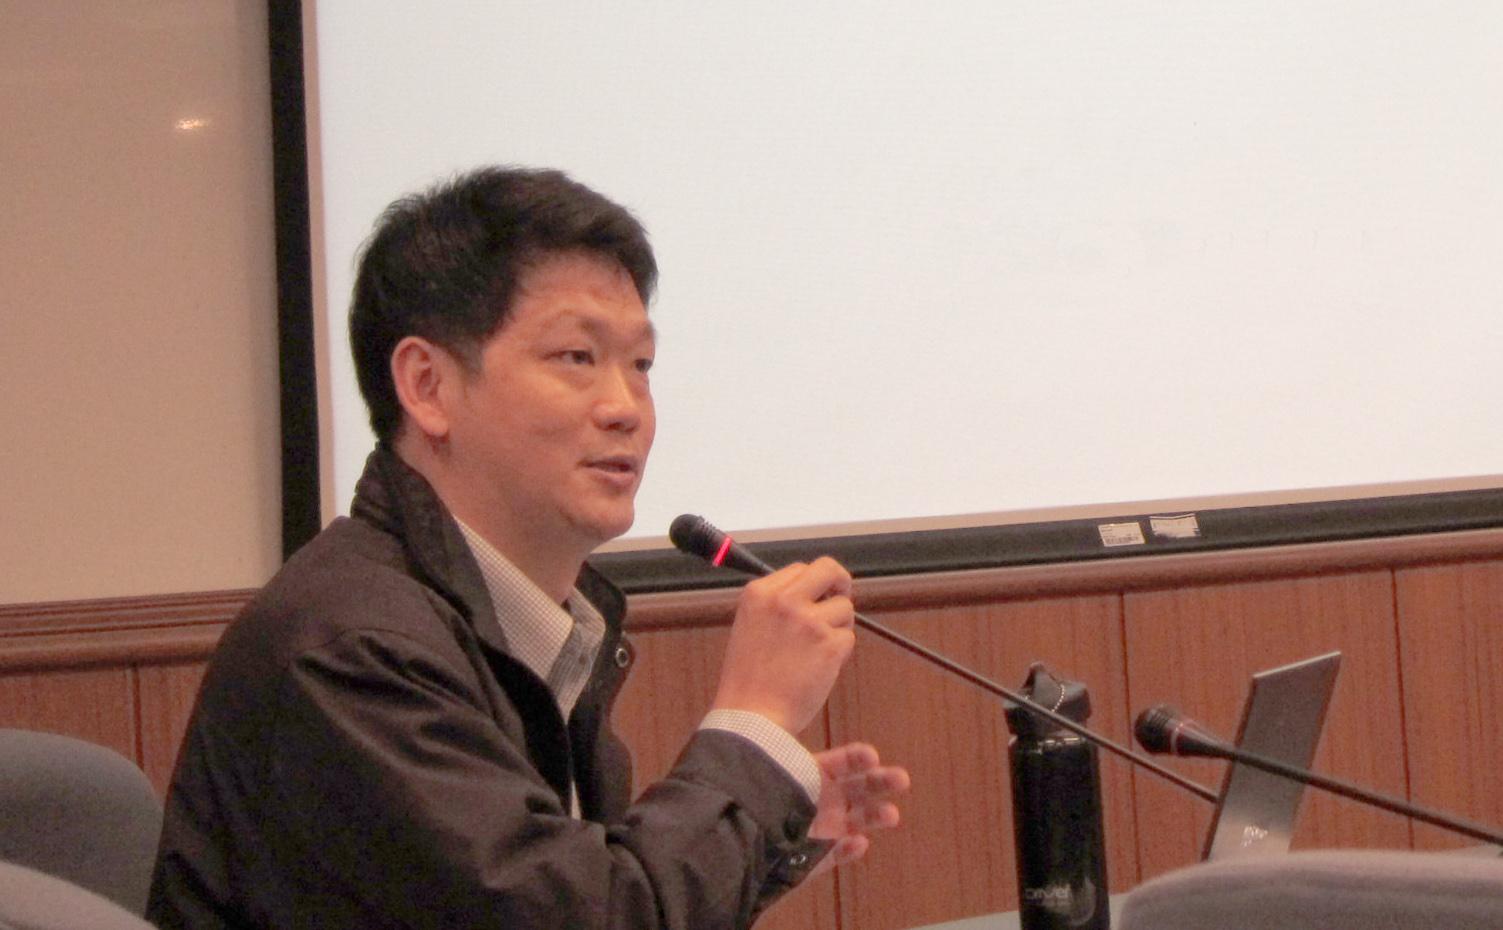 朱瑪瓏教授演講「領事、報人與十九世紀東亞通商口岸裡的情報掮客:以 1874 年臺灣事件日、中兩國輪船運兵消息為例」紀要